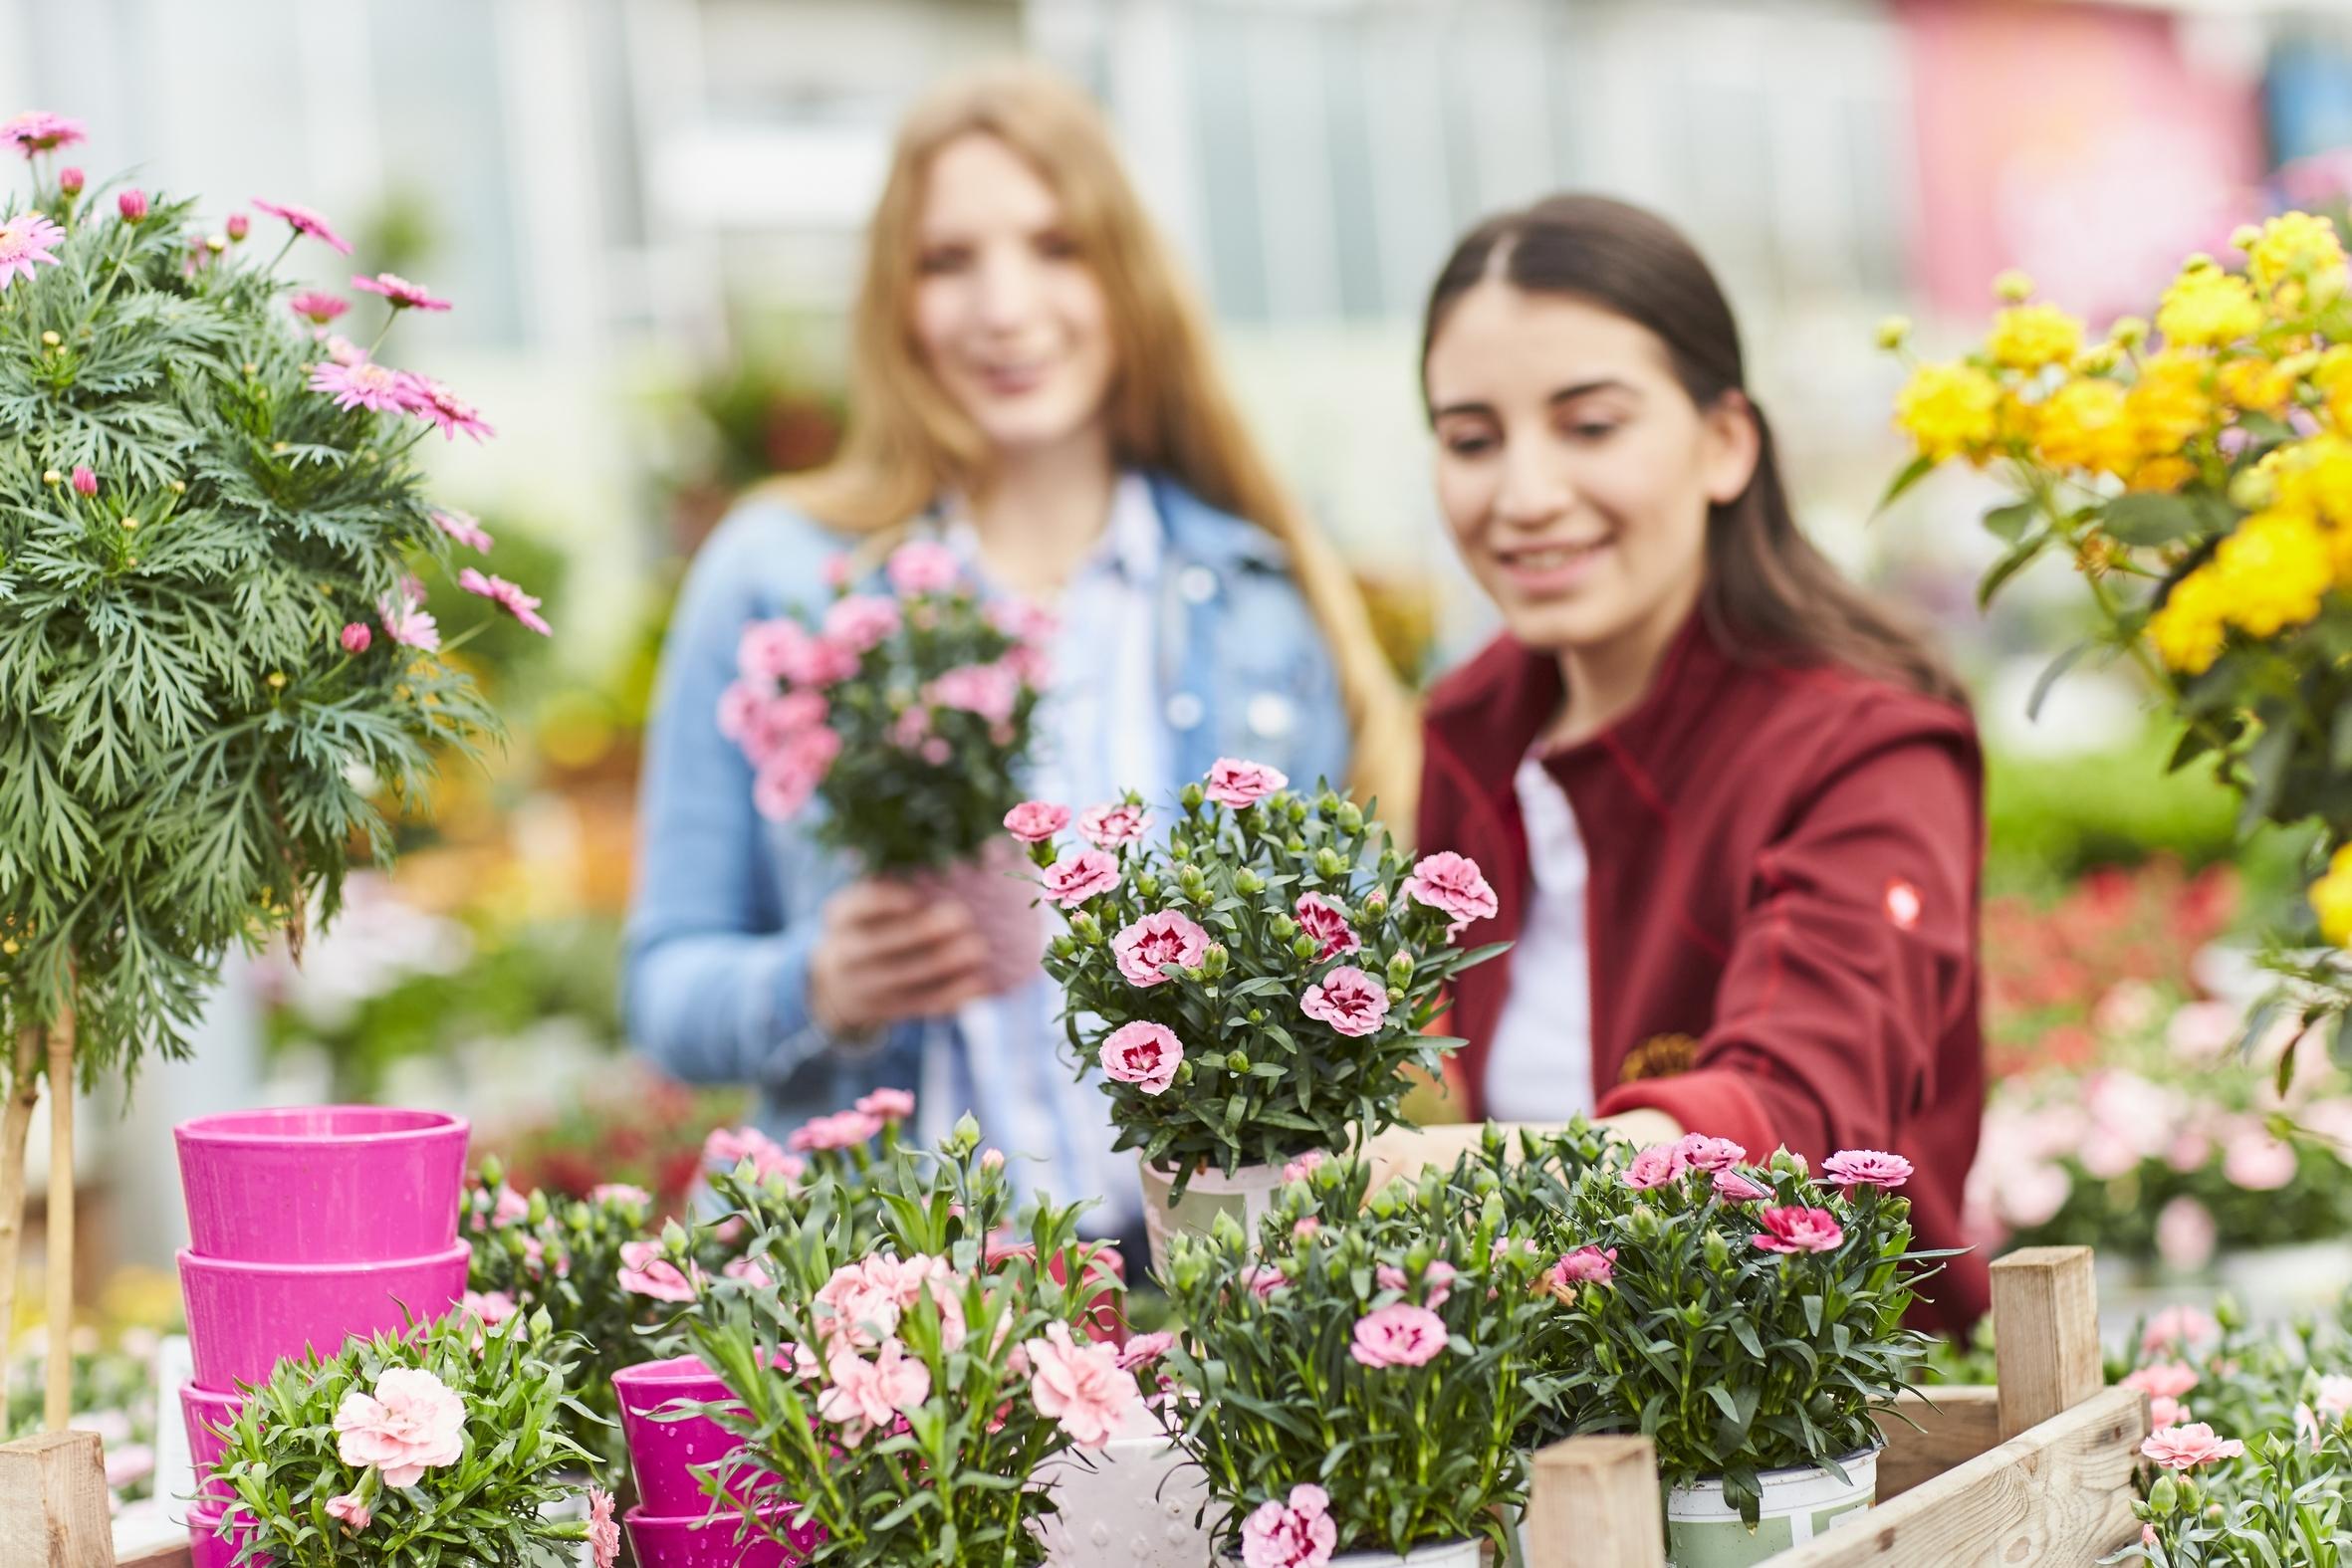 Gib' Futter: Wie du als Gärtner Insekten helfen kannst